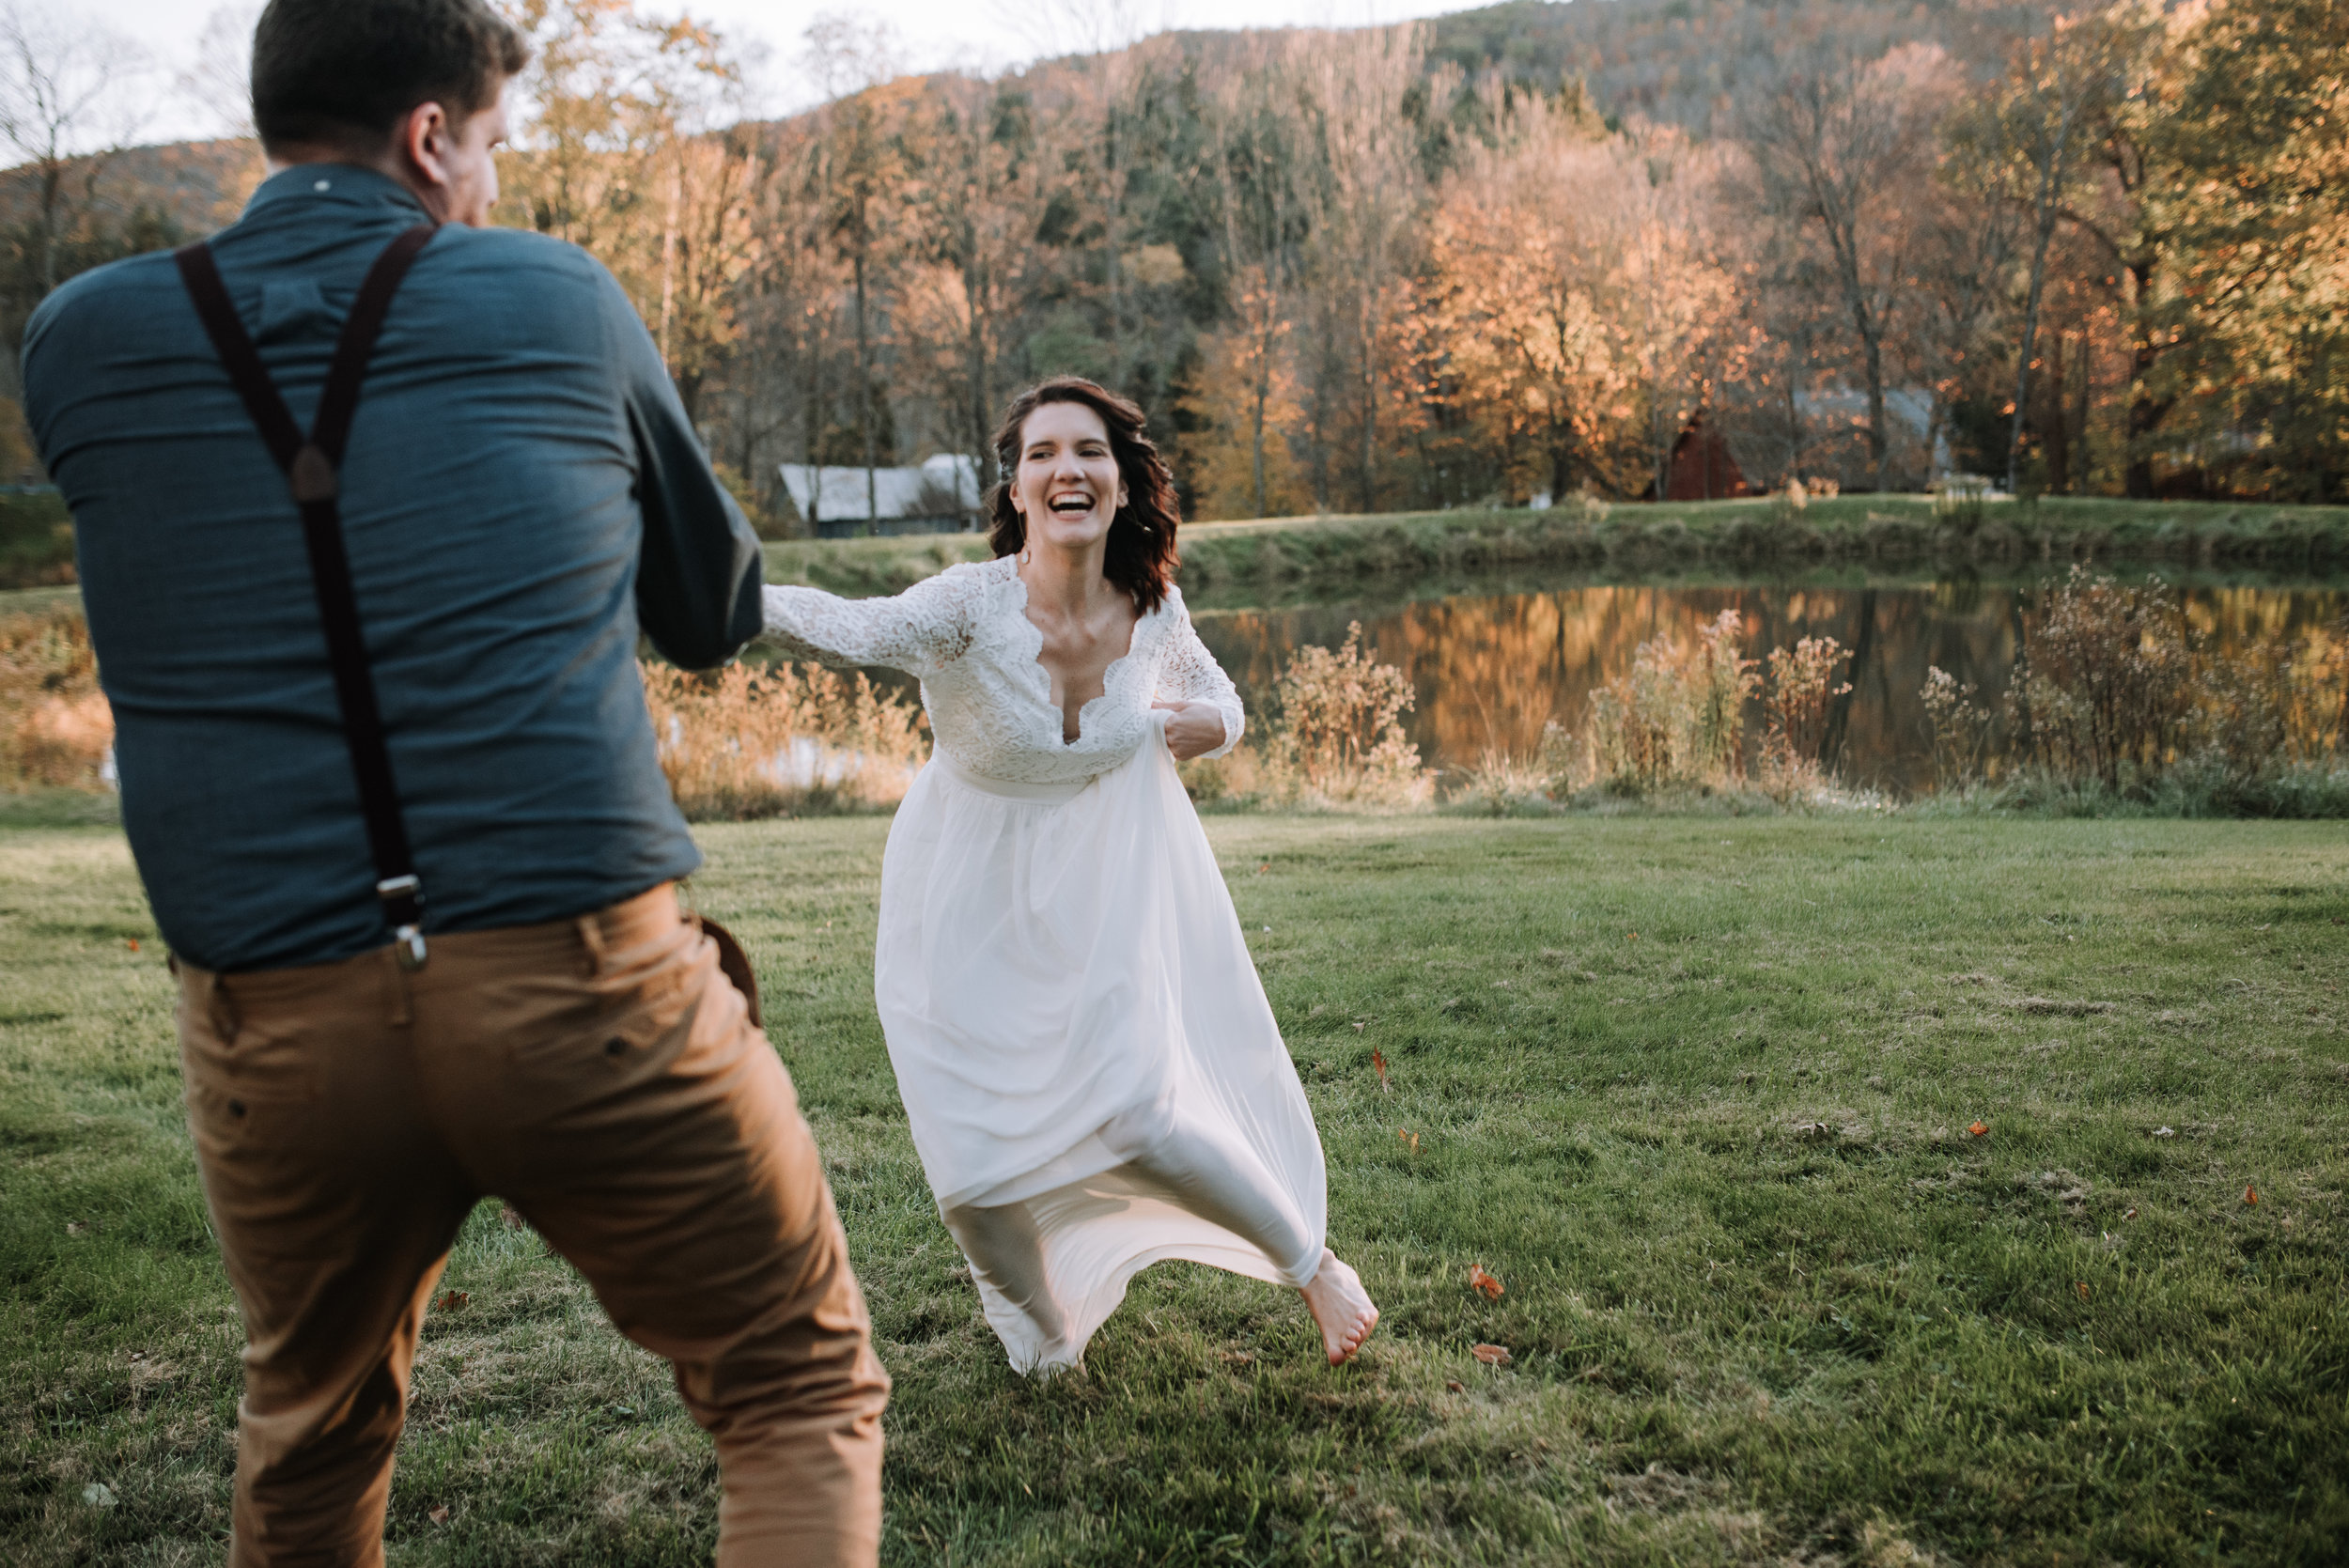 LUV LENS_WEDDING_GABBIE GARY SMALL-49.jpg